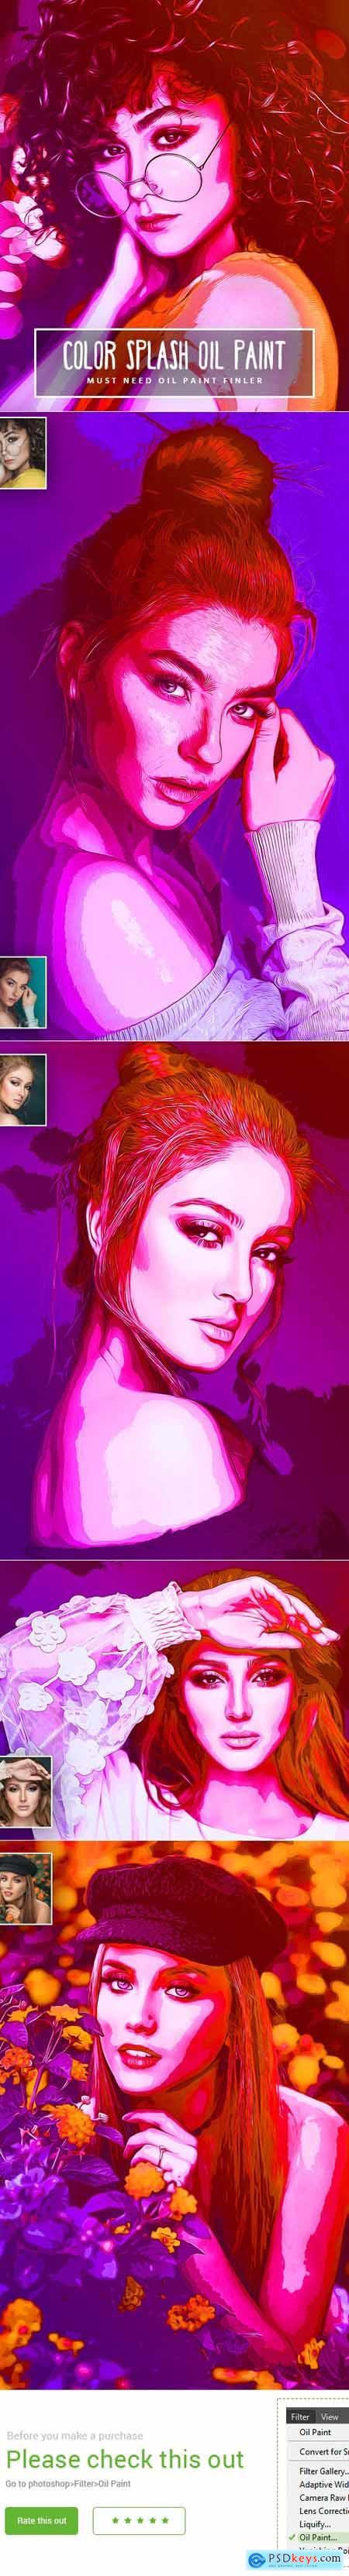 Color Splash Oil Paint 24544406